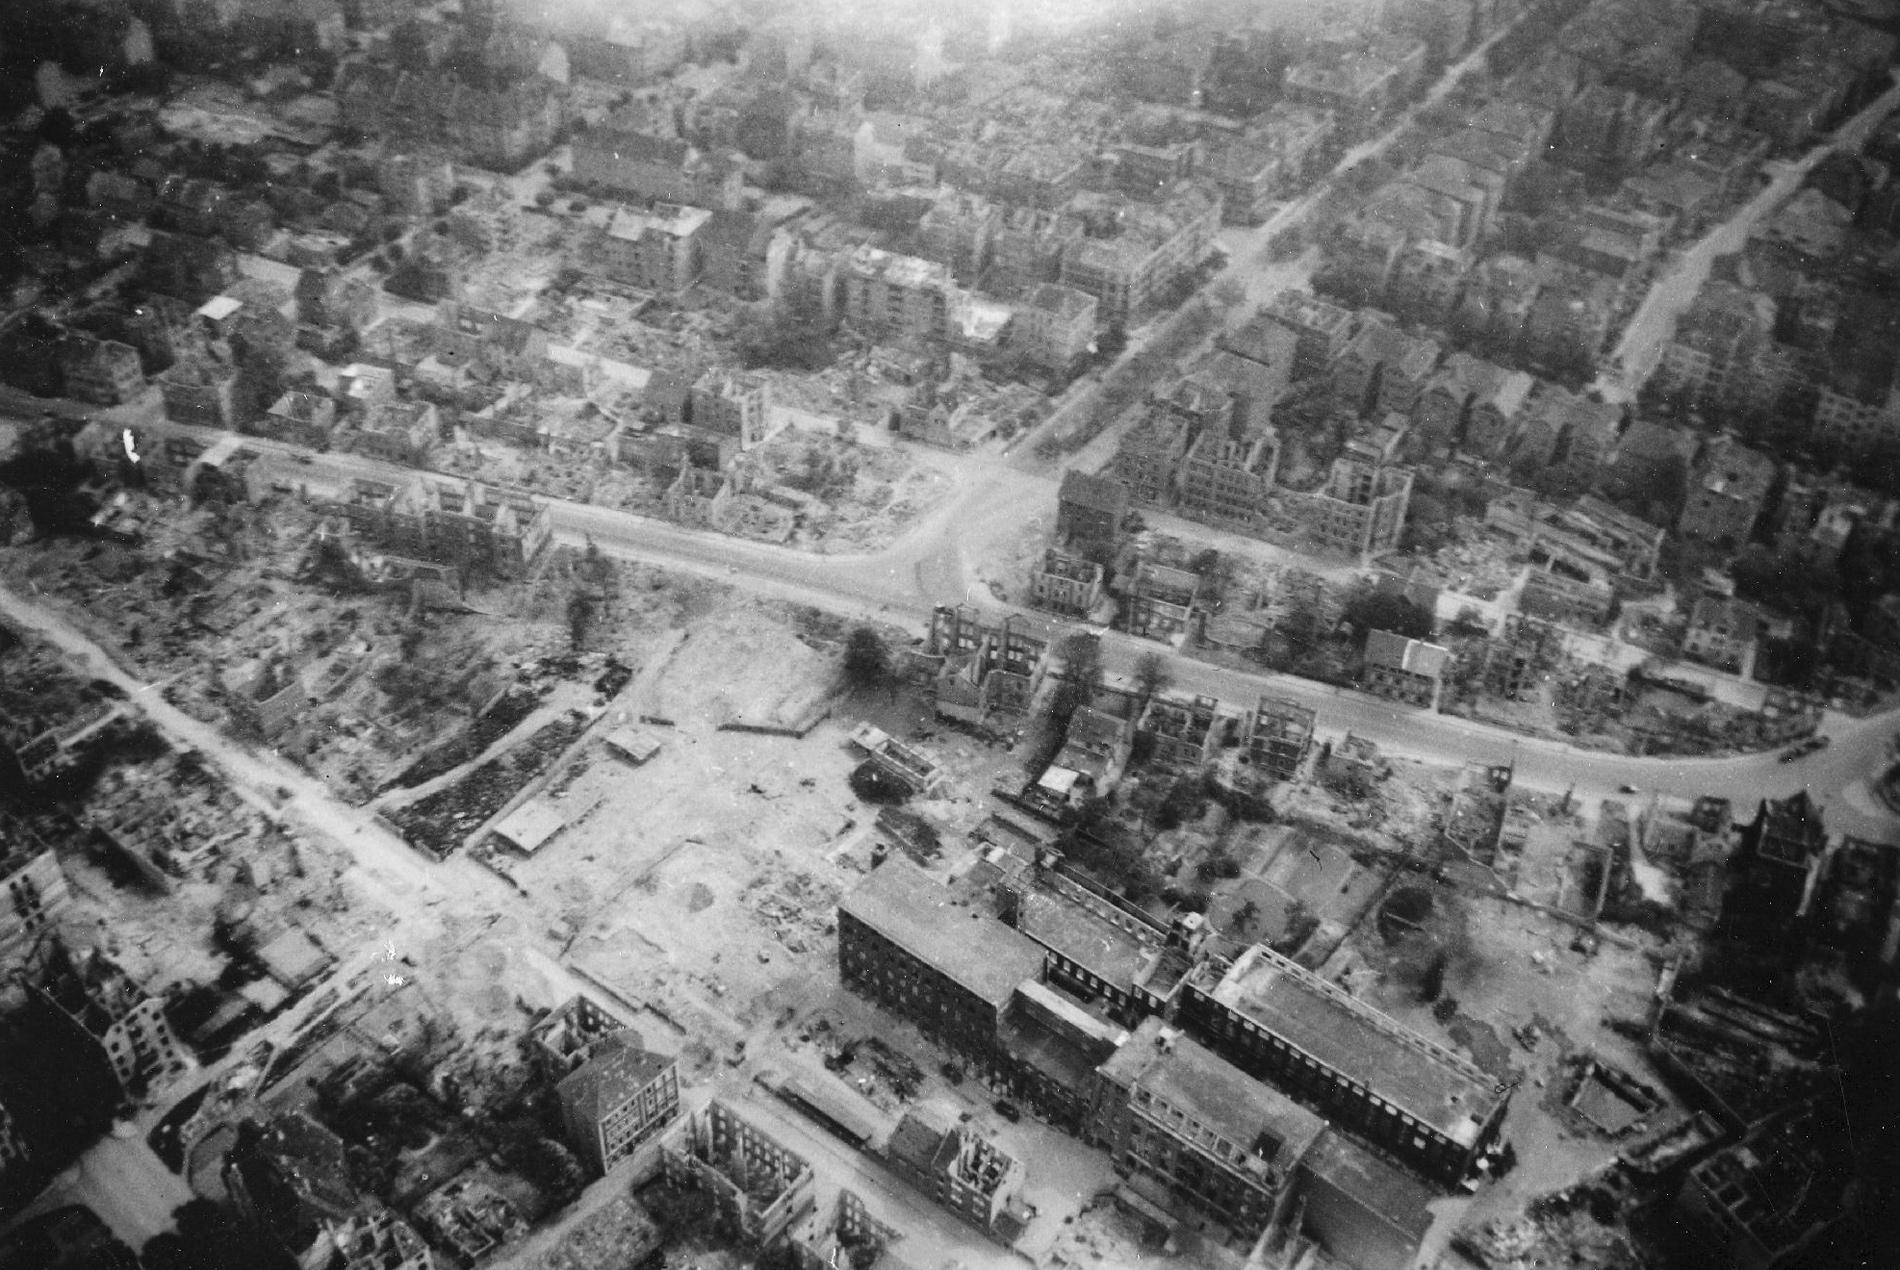 Luftbild Braunschweig - Kreuzung Hagenring und Gliesmaroder Straße sowie Klavierfabrik Grotrian